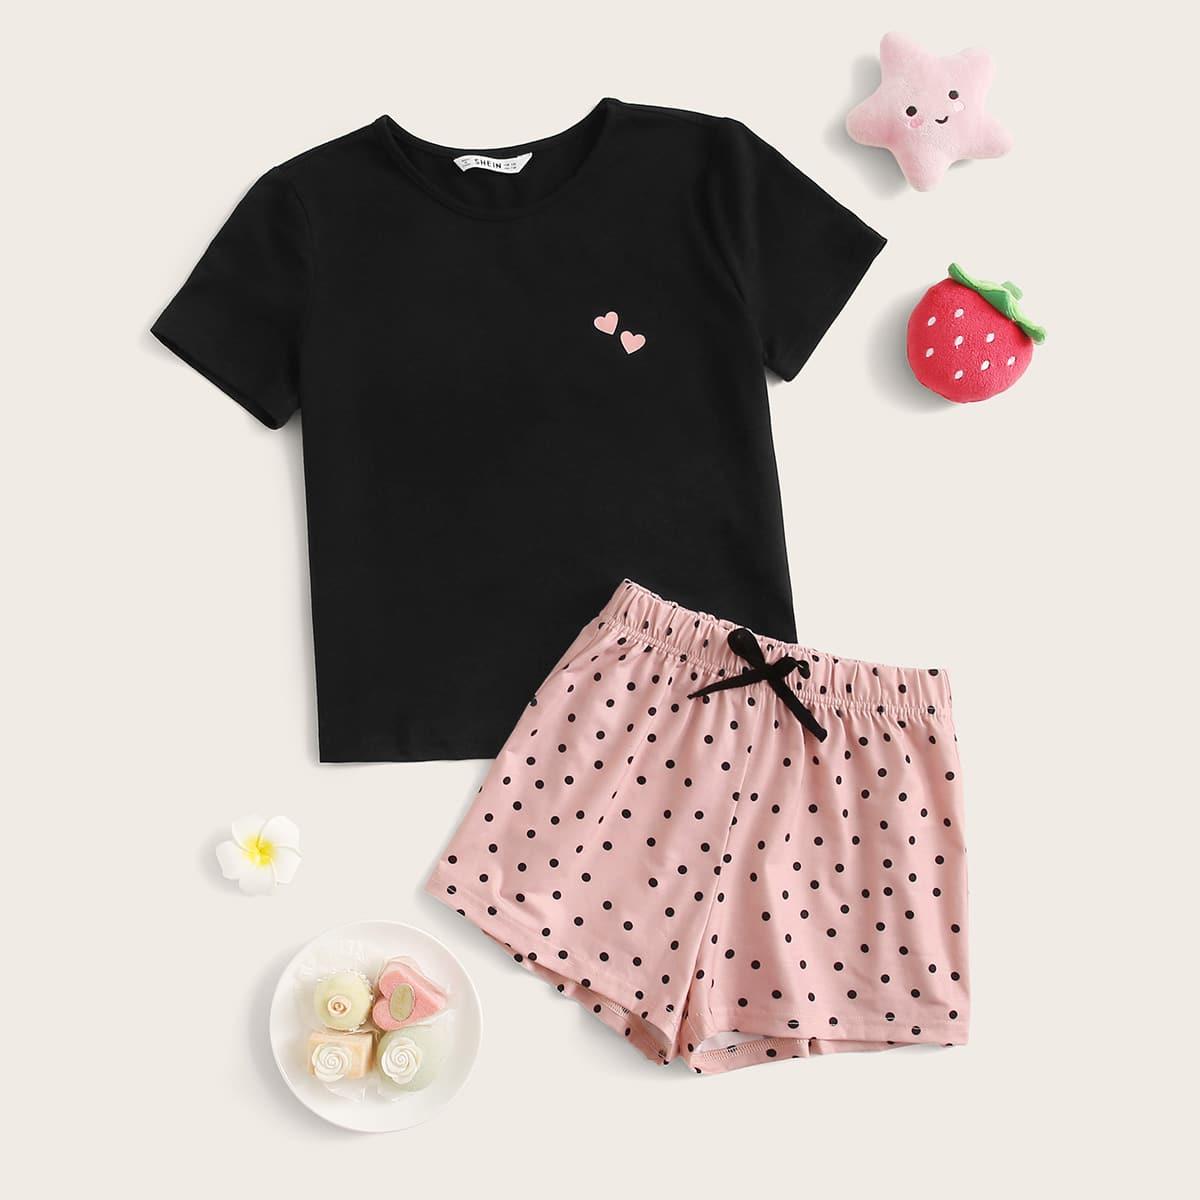 Пижама в горошек с сердечным принтом для девочек от SHEIN